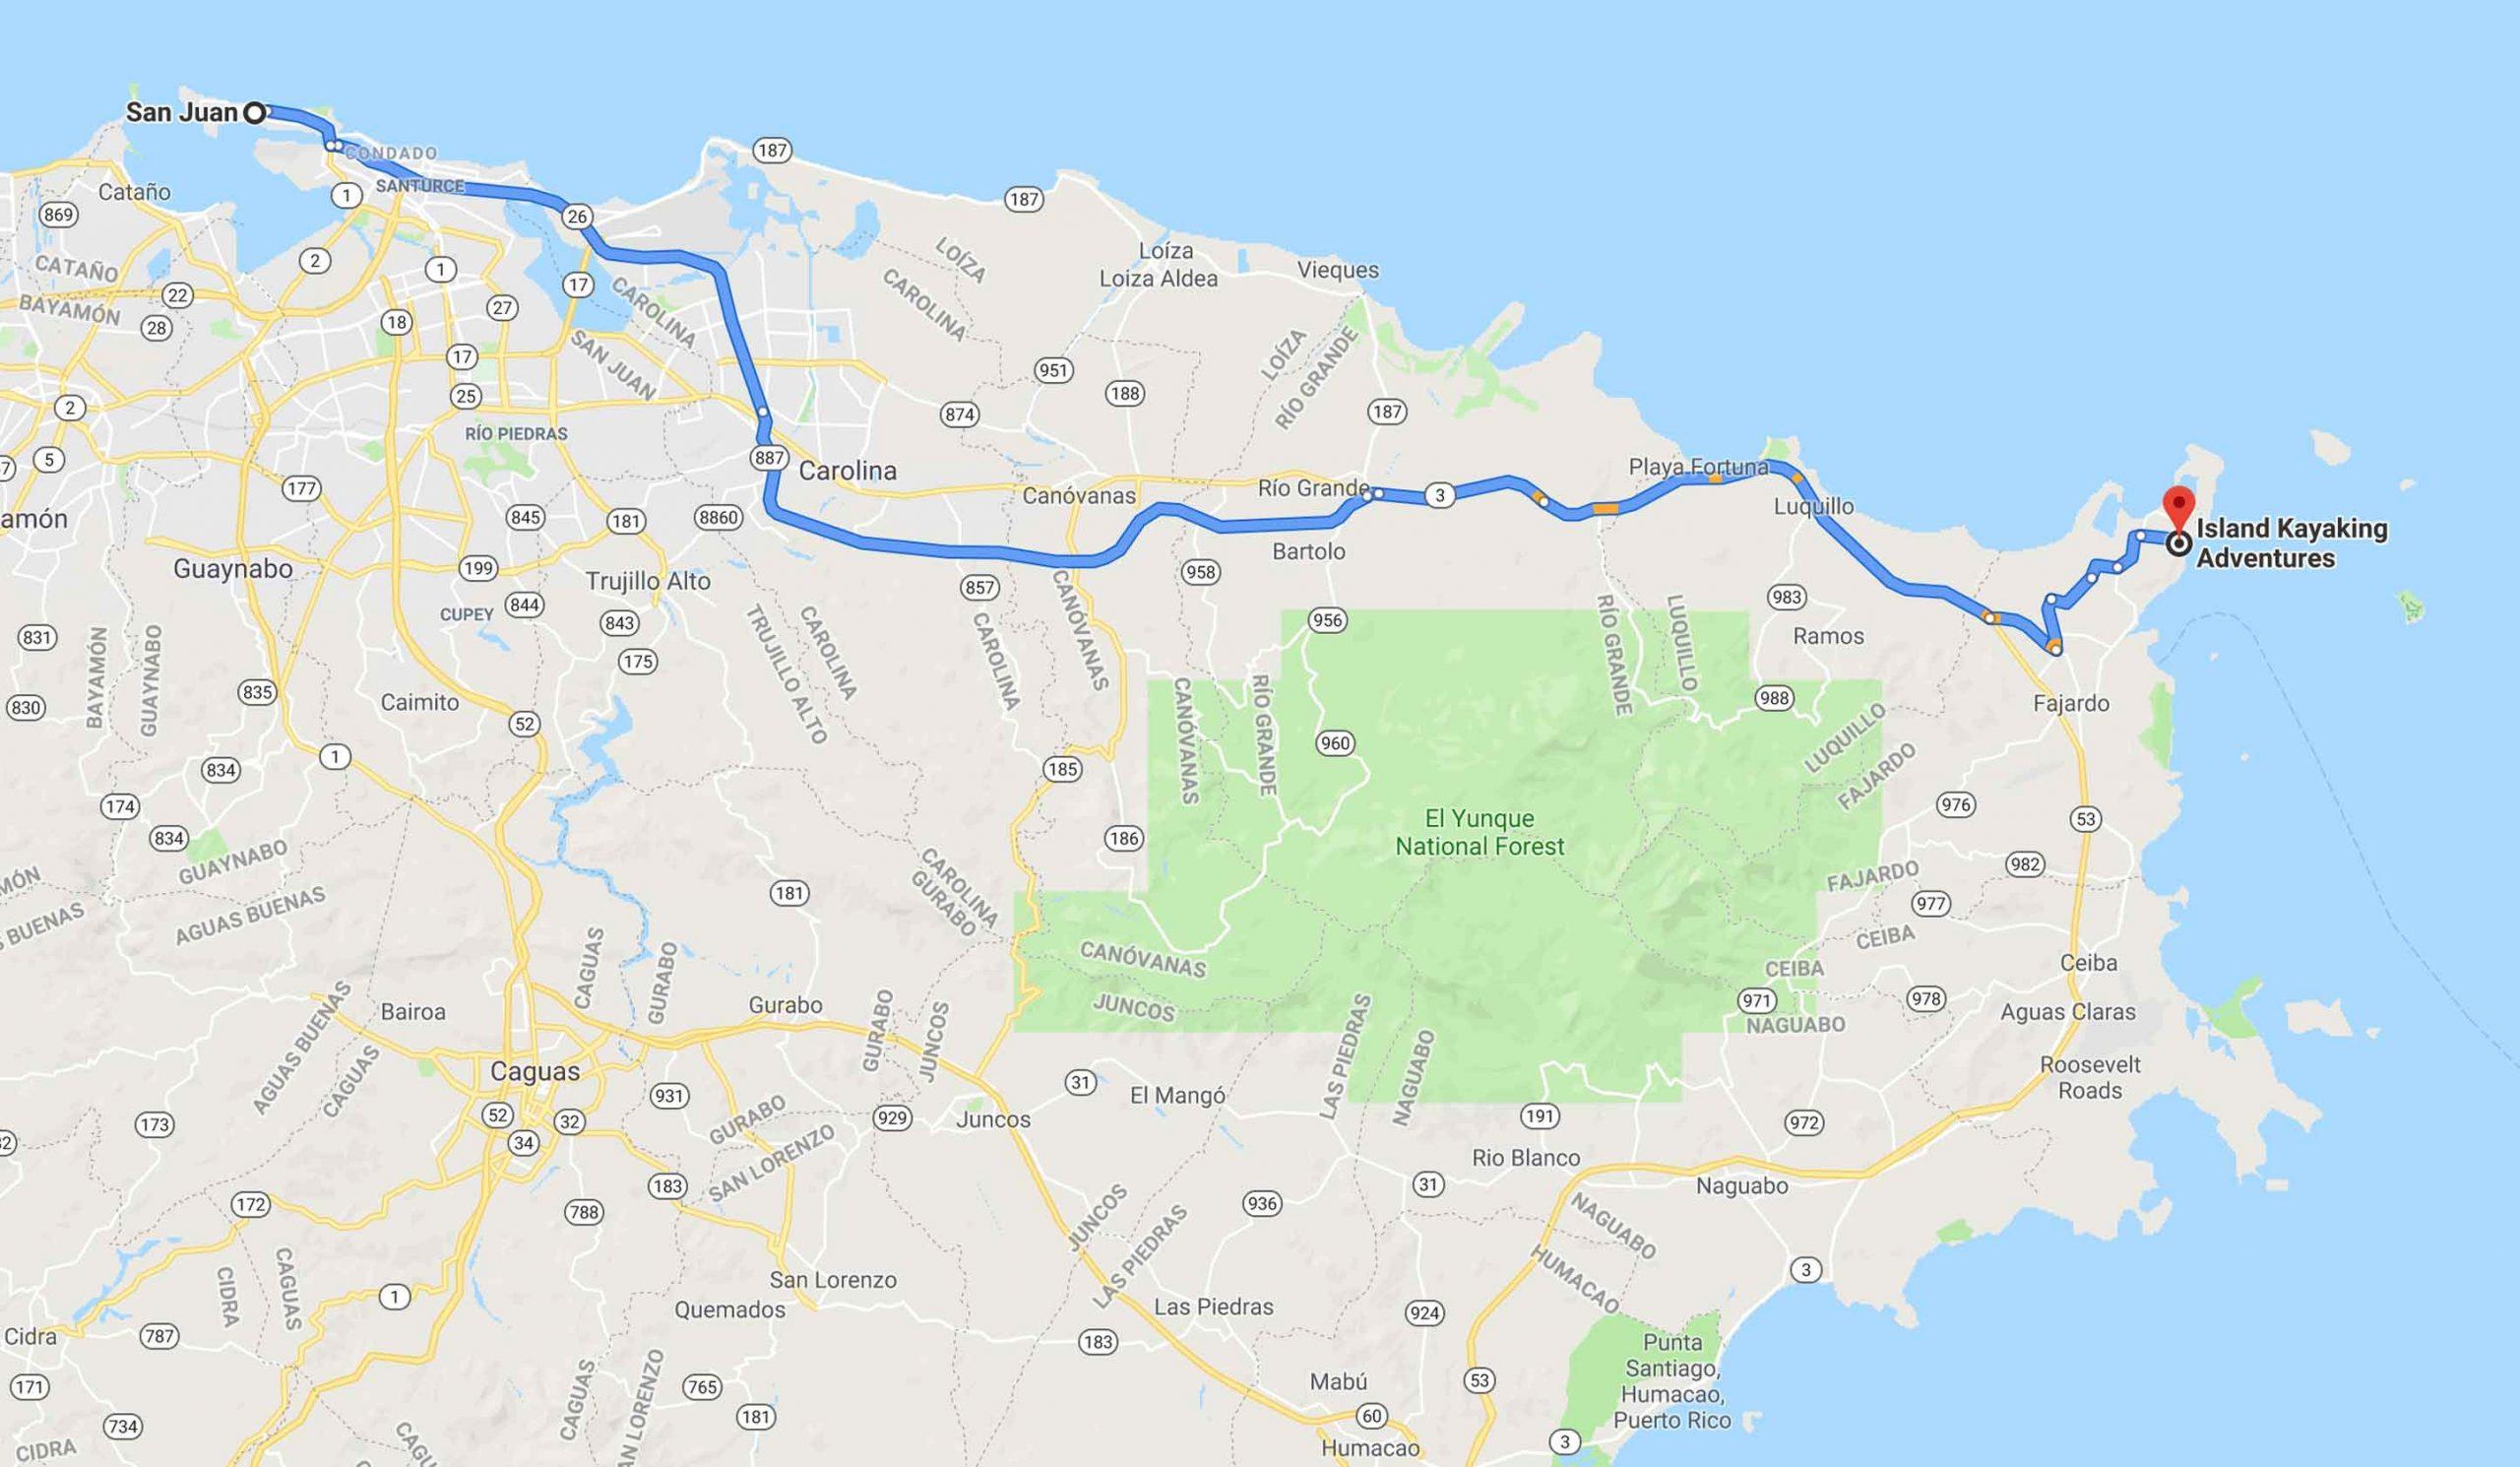 San-Juan-Fajardo